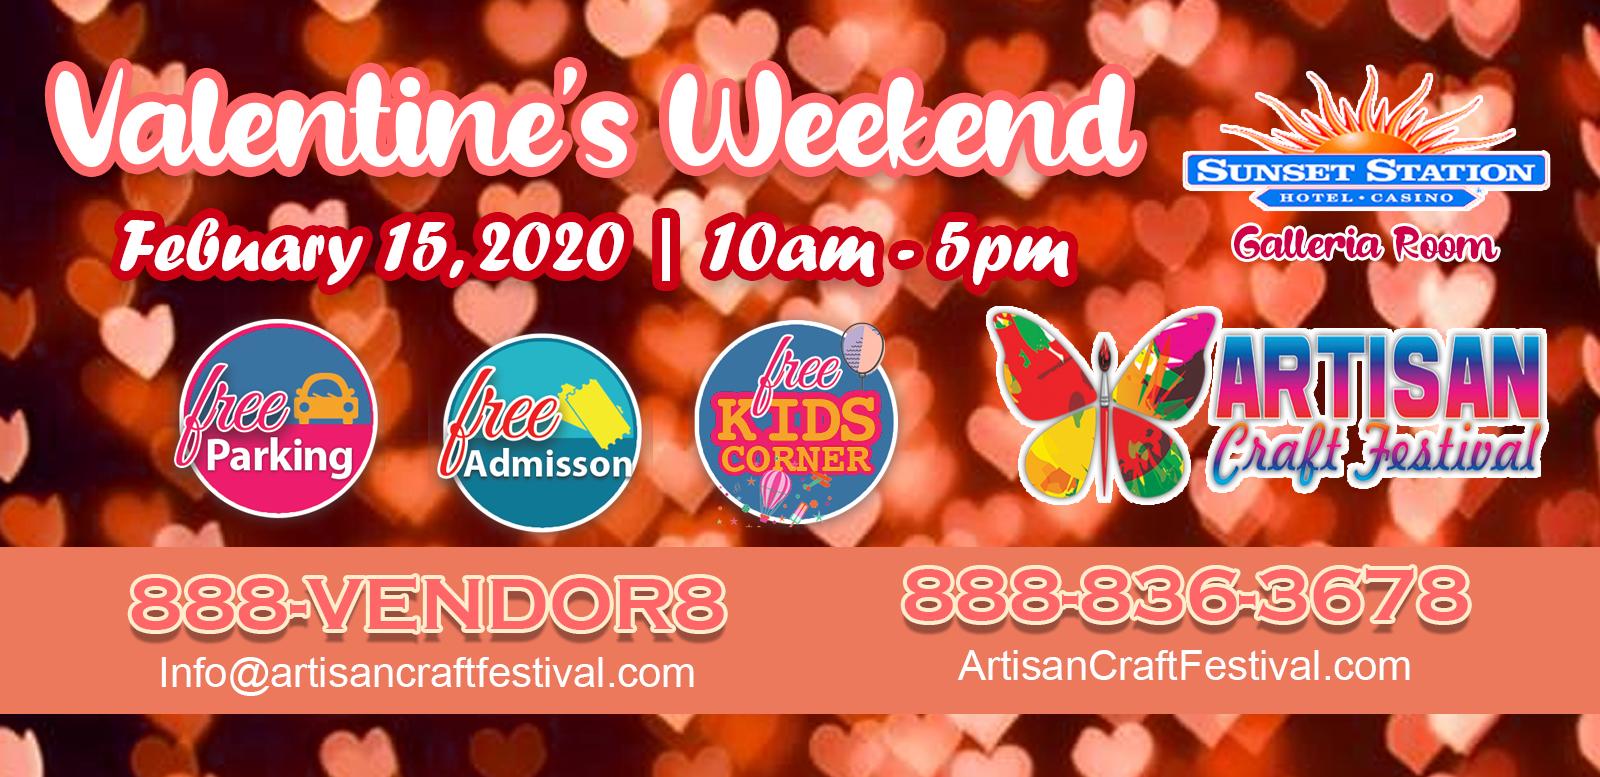 Valentine's Weekend Artisan Craft Festival